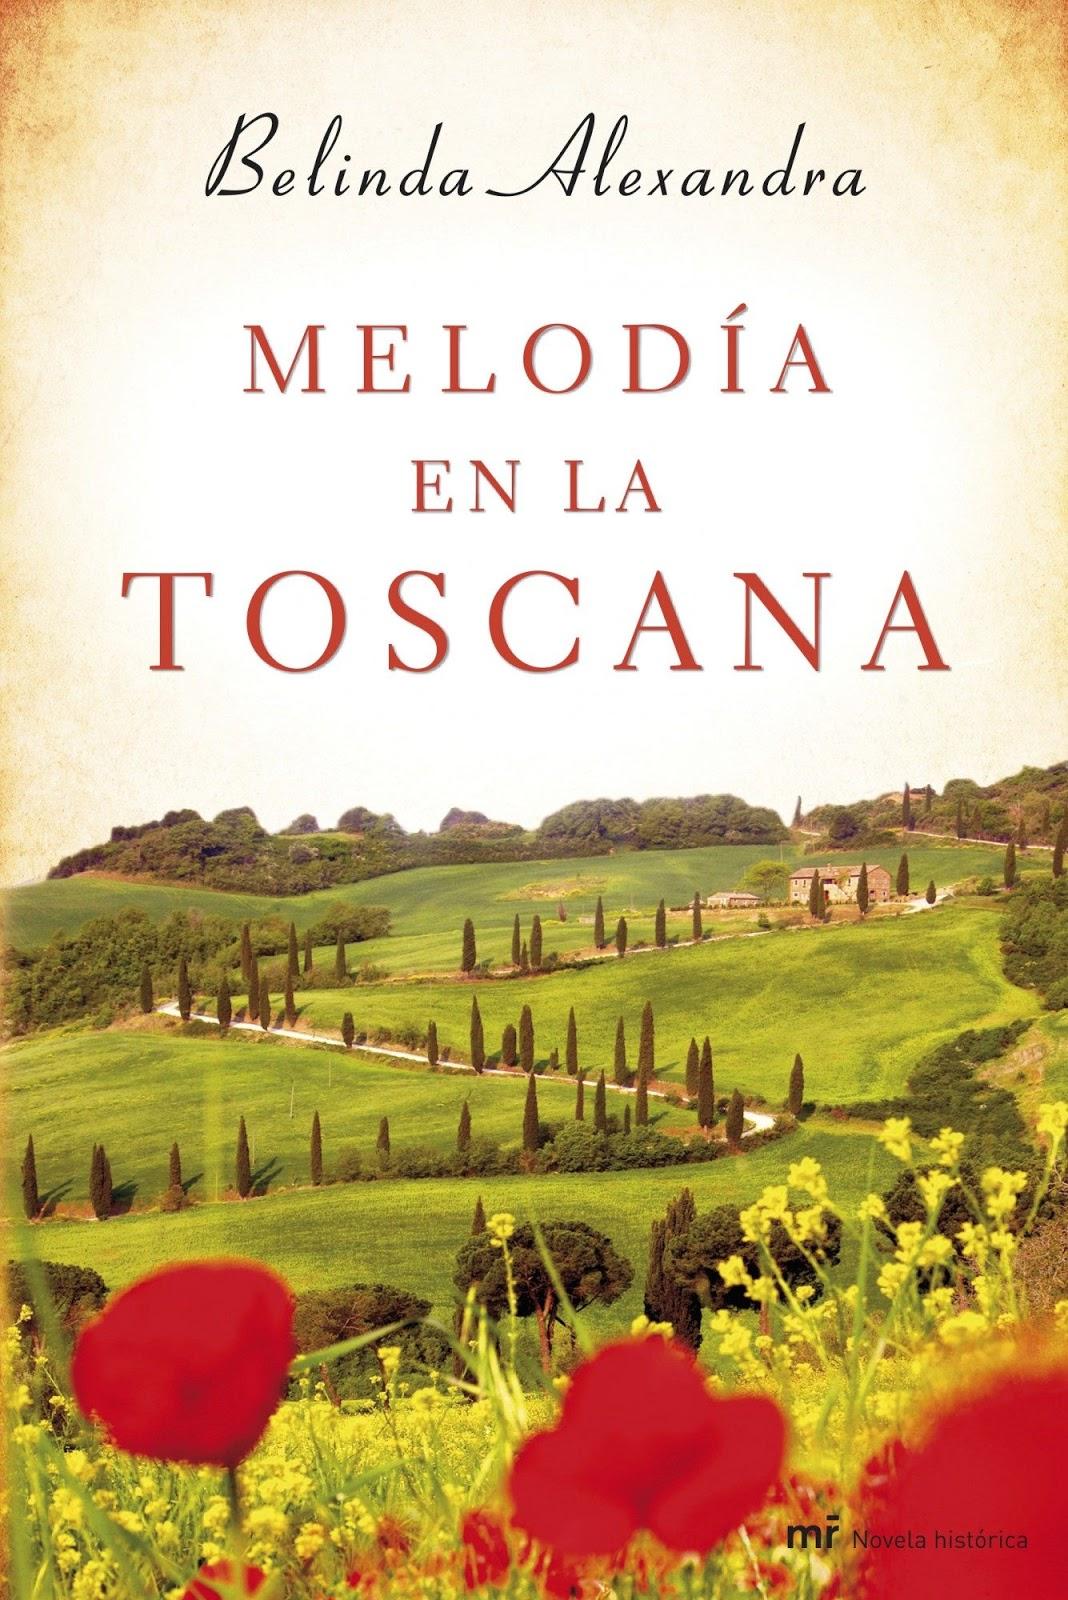 http://labibliotecadebella.blogspot.com.es/2017/03/melodia-en-la-toscana-belinda-alexandra.html